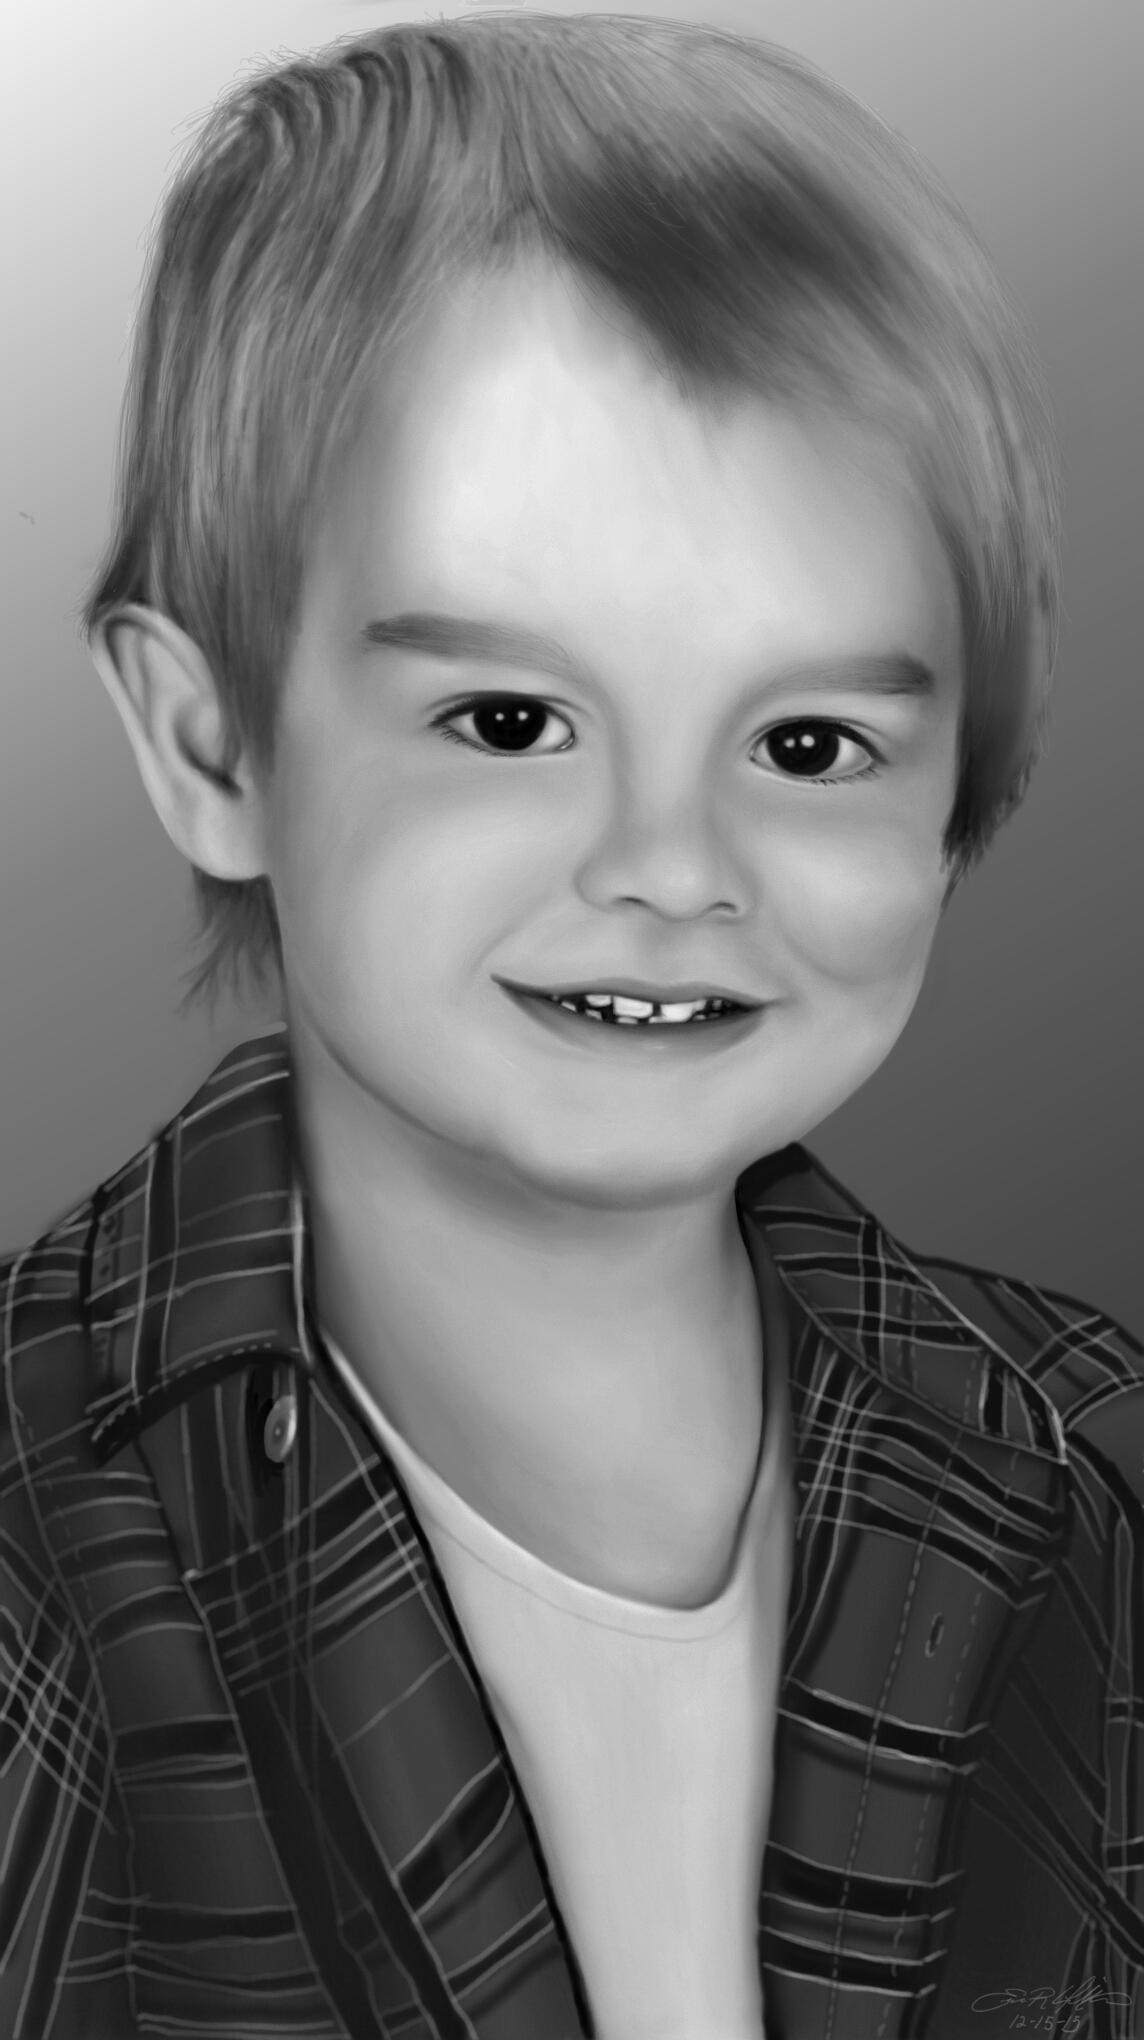 Son Portrait